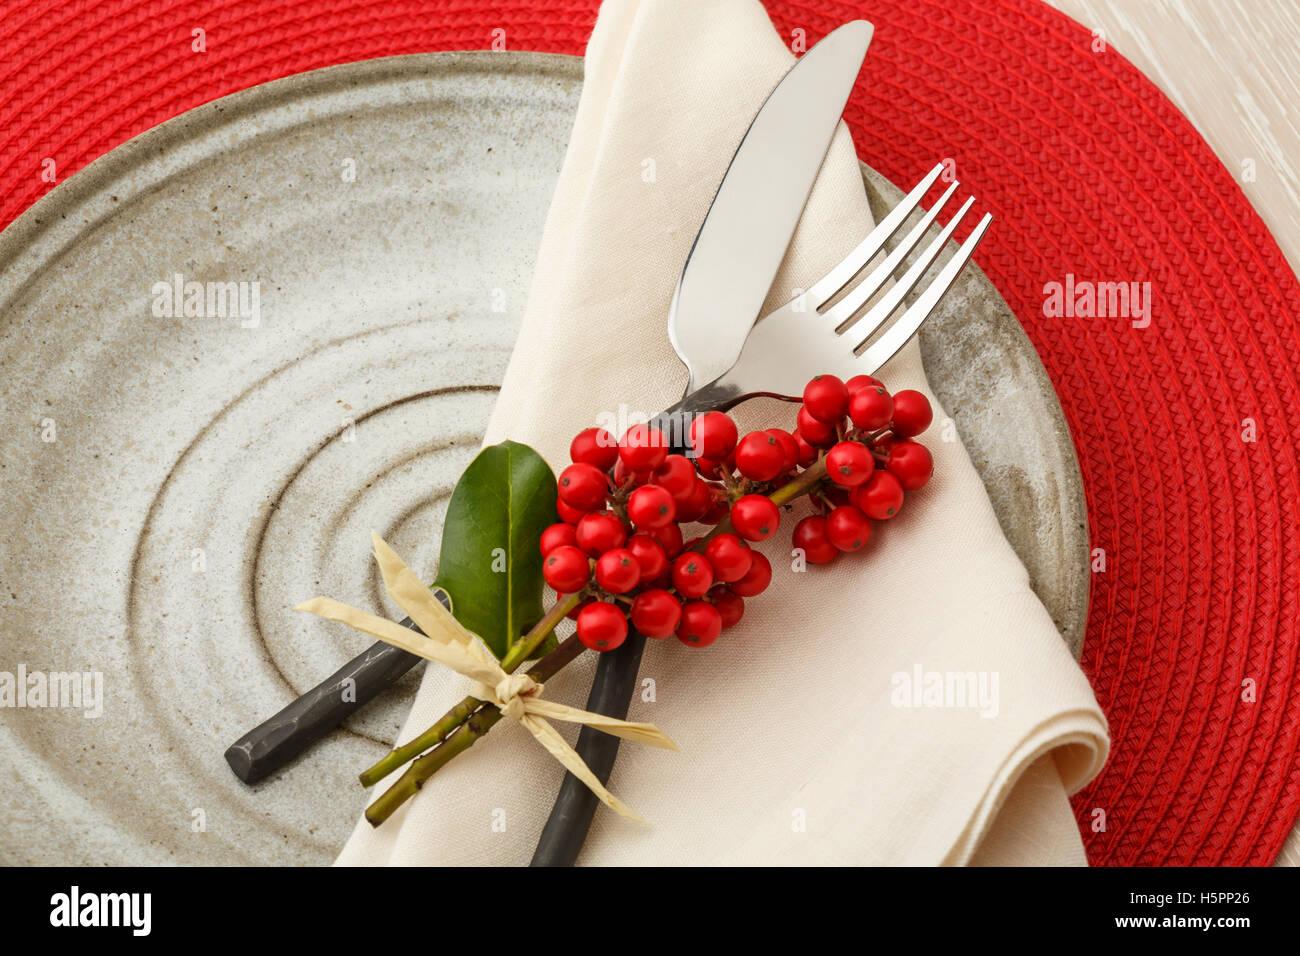 Lässige handwerklichen Weihnachten Tabelle Einstellung Gedeck mit rustikalen Besteck, handgemachte Keramik Stockbild